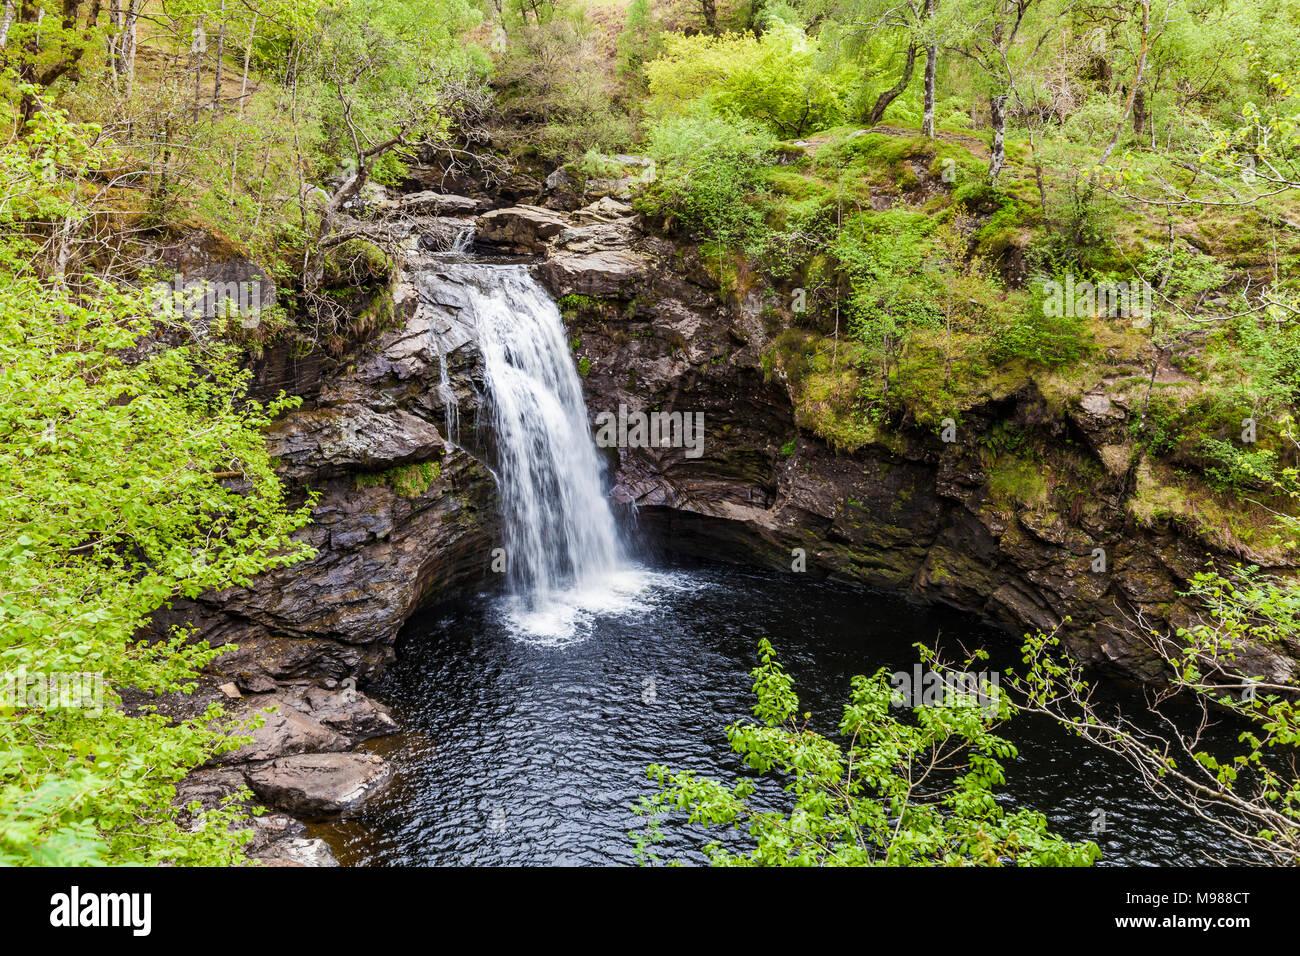 Schottland, Highlands, Wasserfall, Wald, Natur Foto de stock